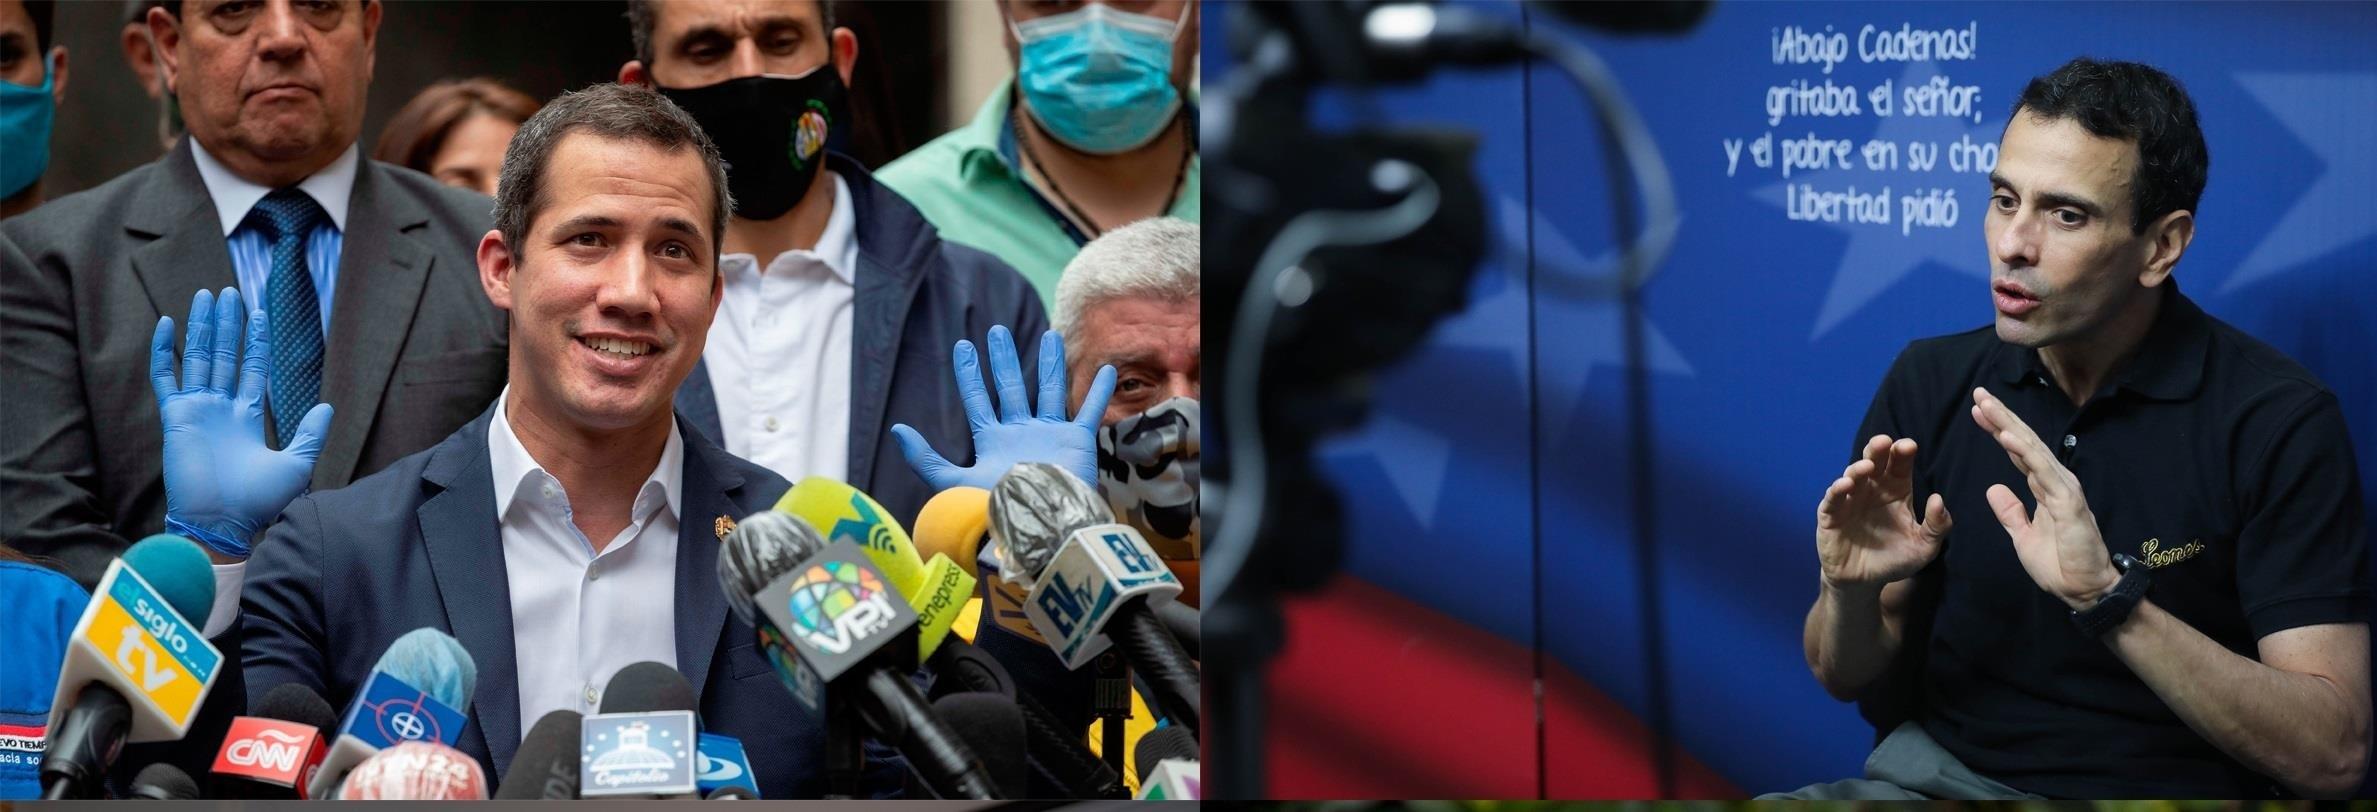 Combo de fotografías de archivo que muestran a los líderes opositores venezolanos Juan Guaidó (i), Henrique Capriles (d). EFE / Archivo